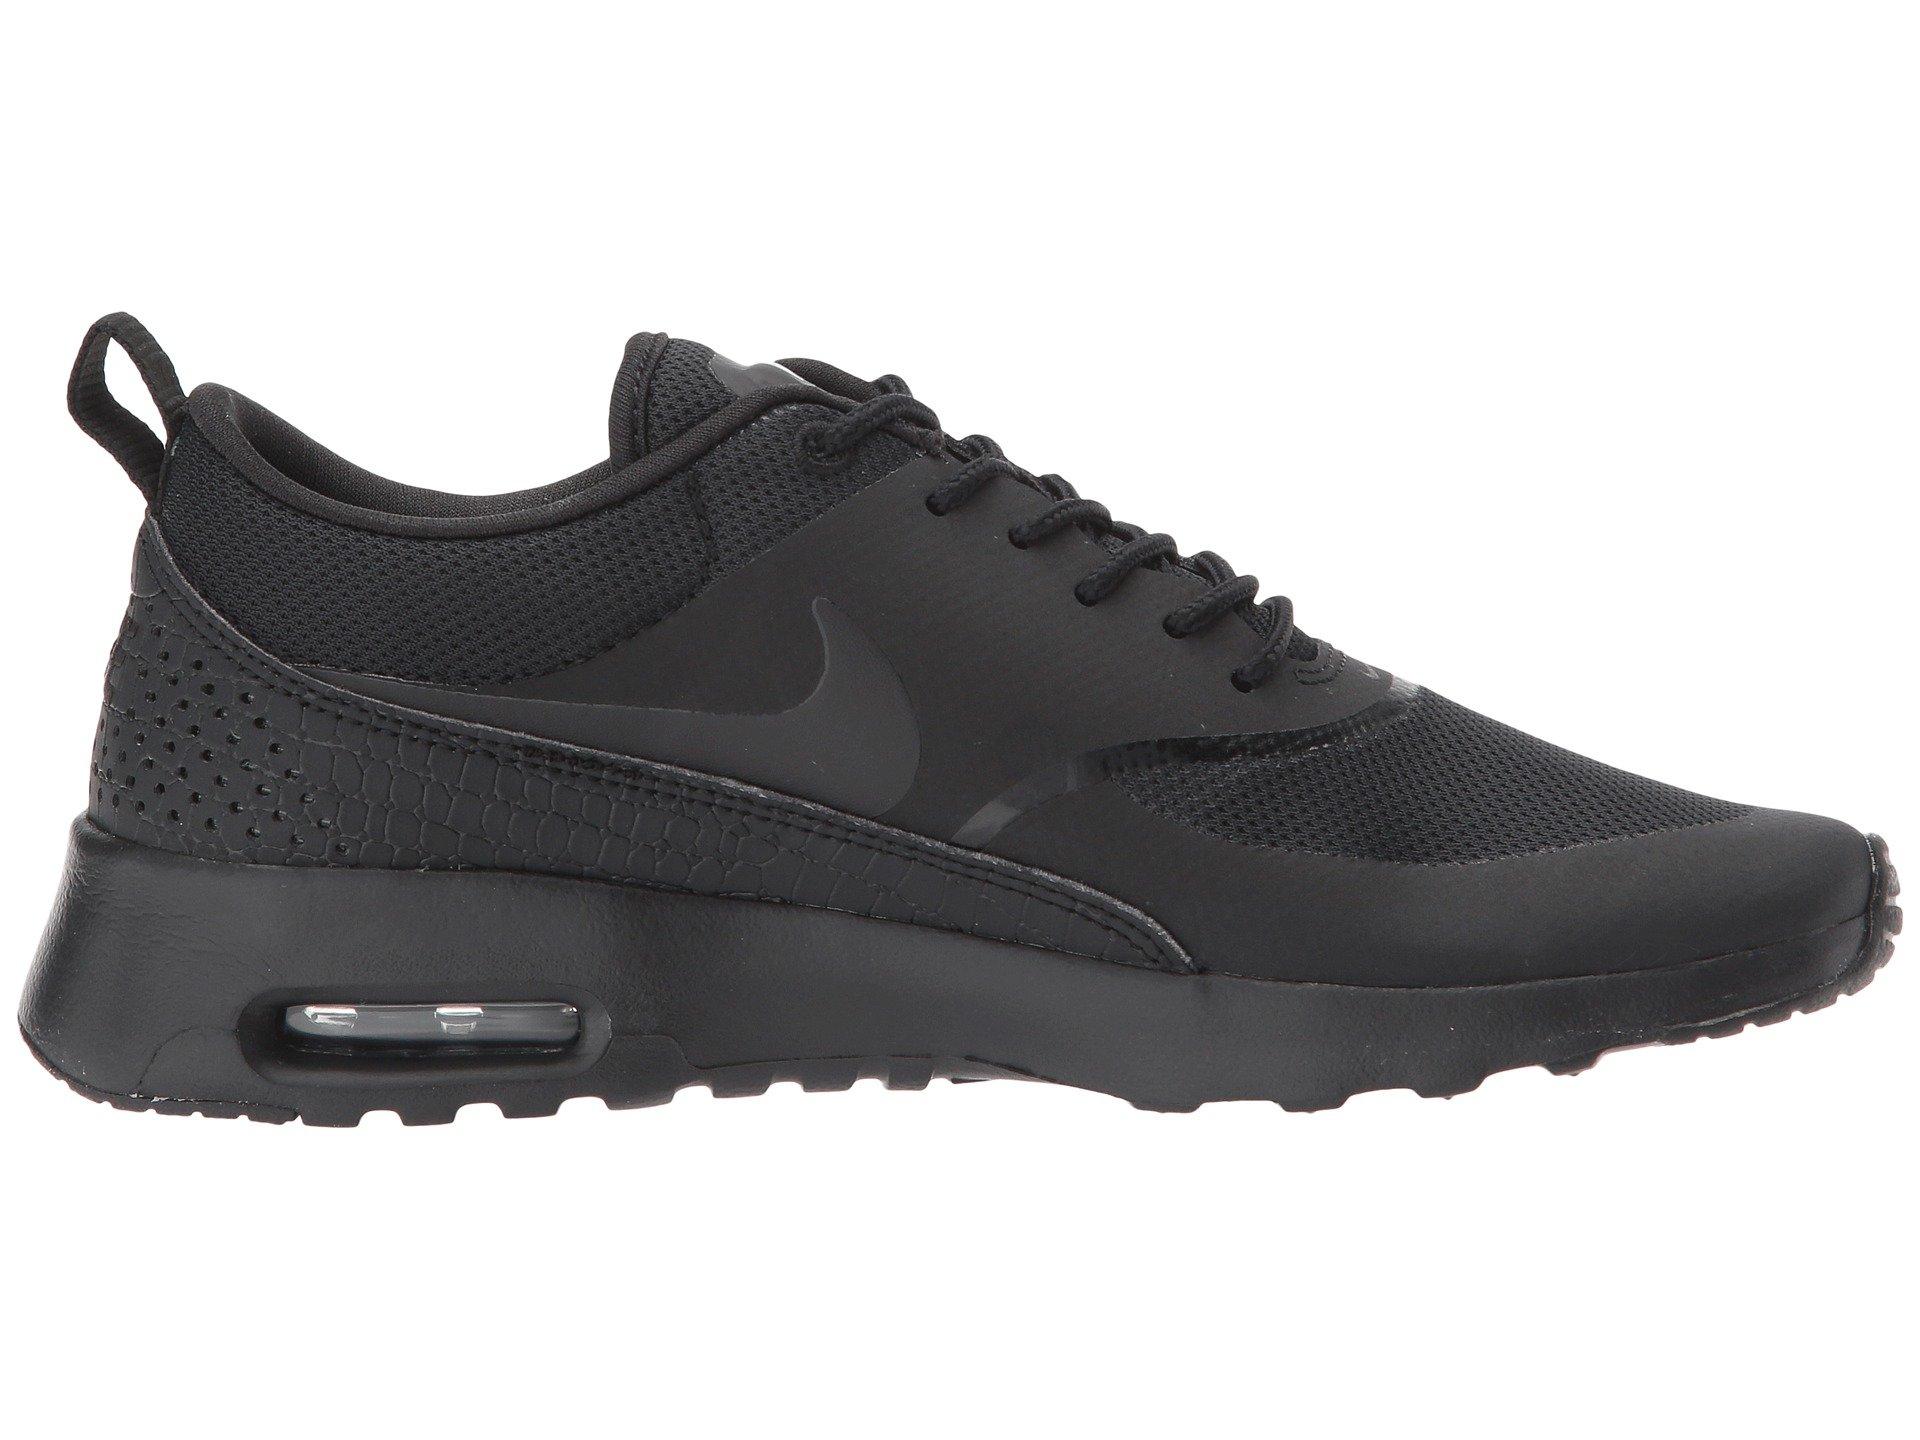 Nike Air Max Thea At Zappos Com